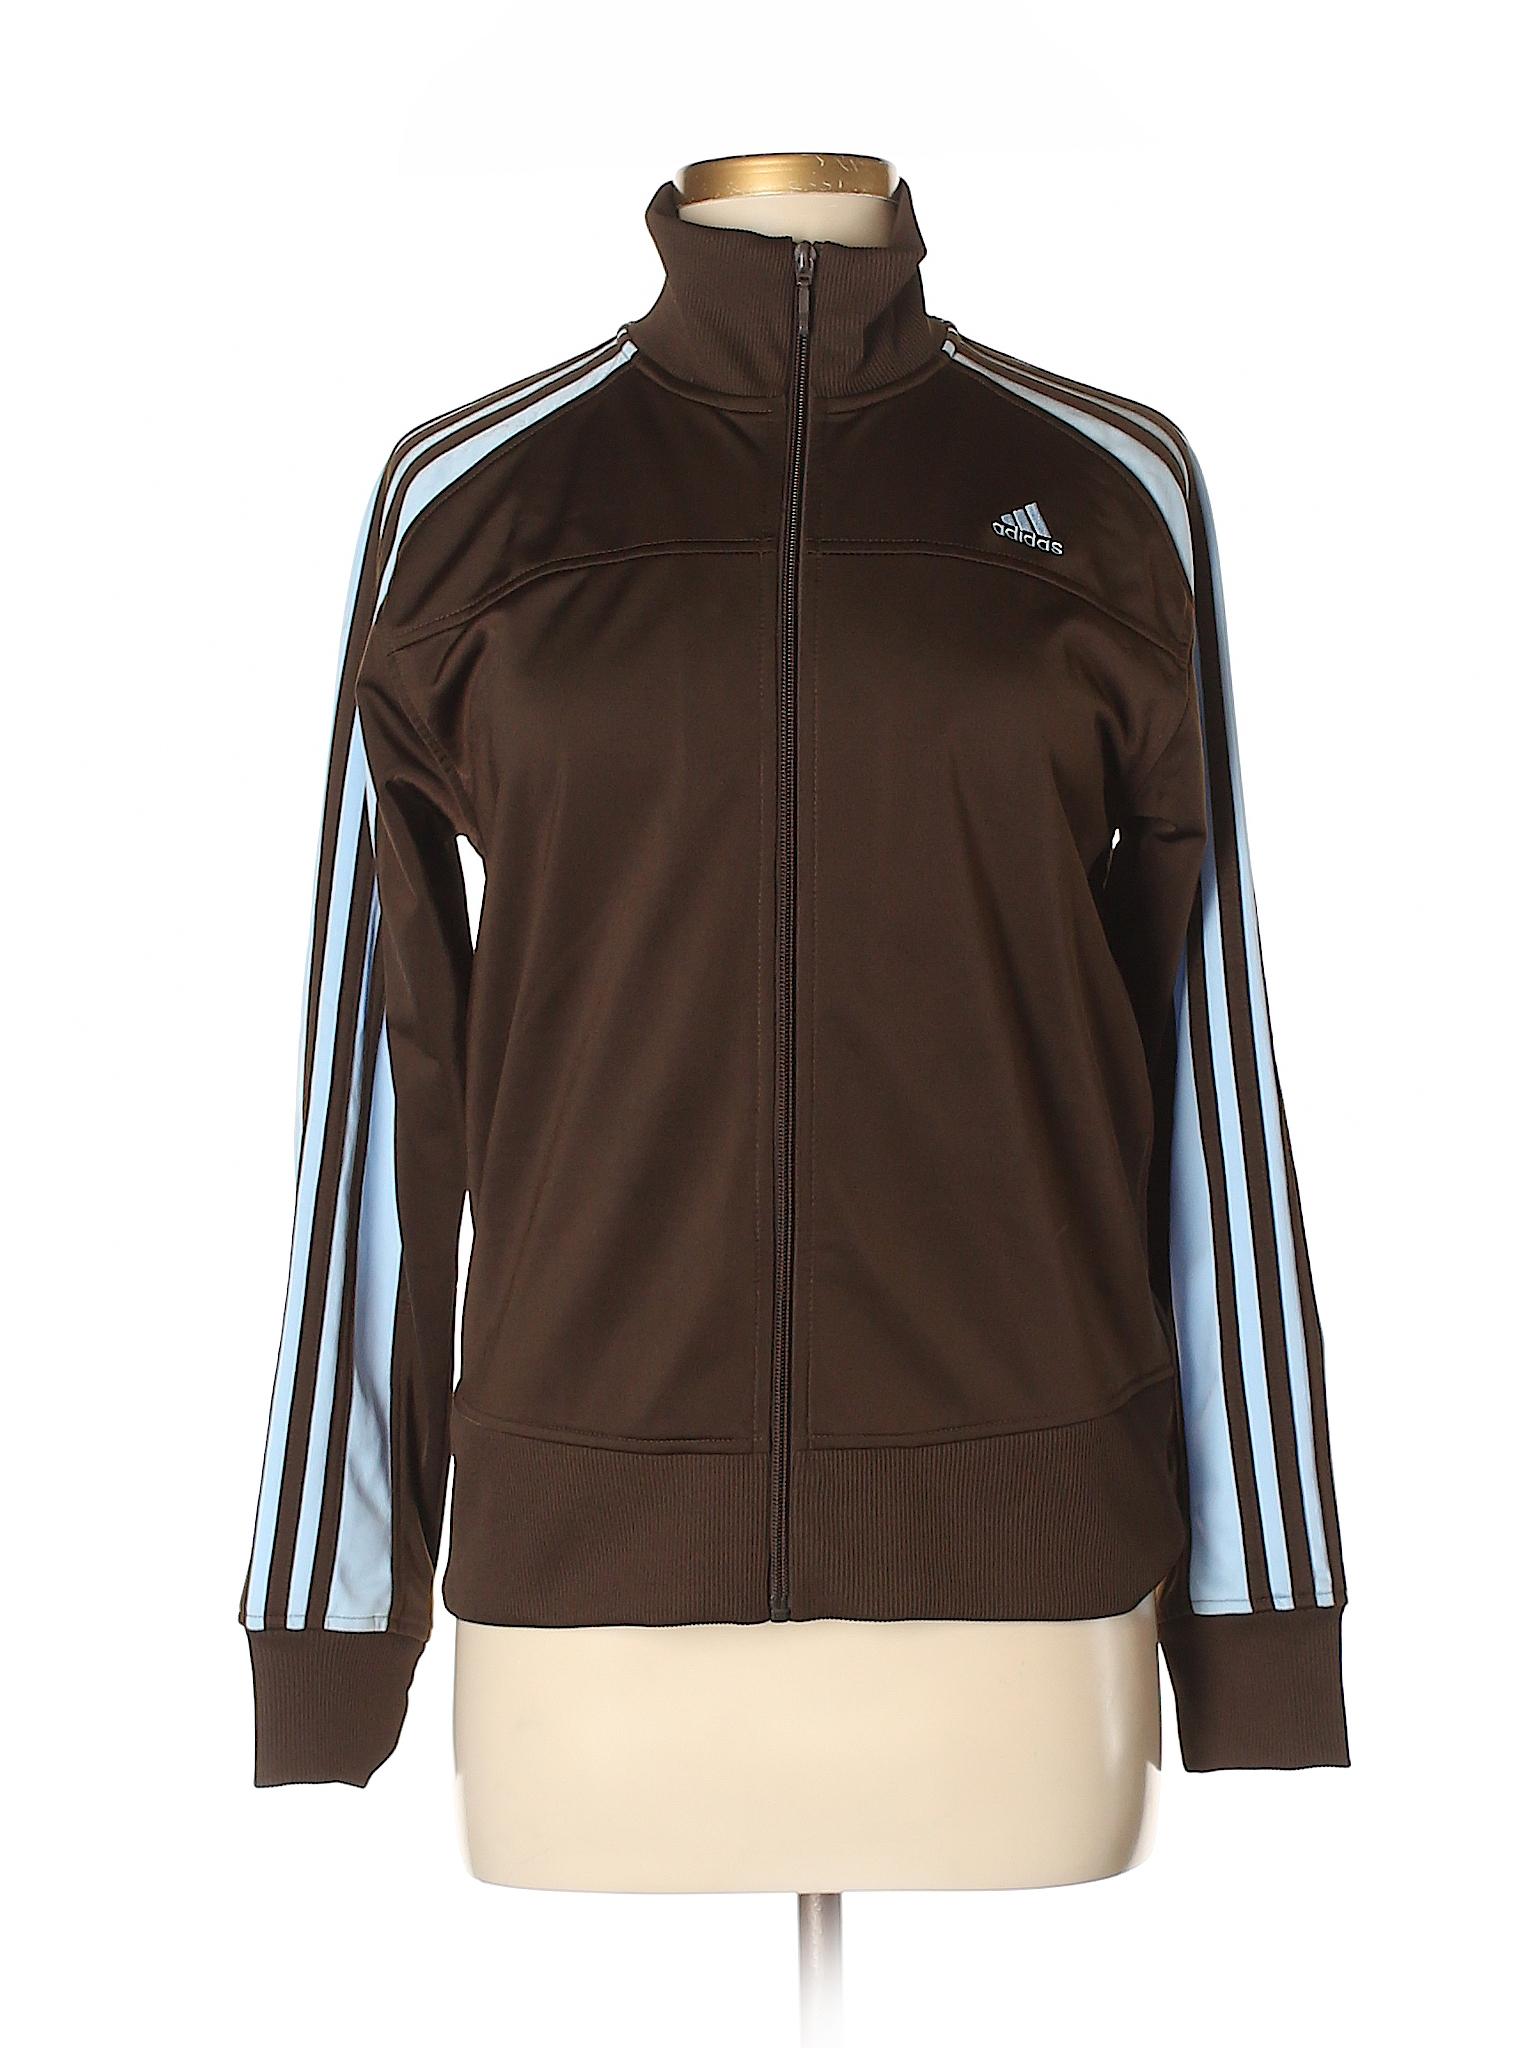 Jacket Boutique winter Adidas Track Jacket winter Boutique Boutique Adidas winter Adidas Track rzarYHq